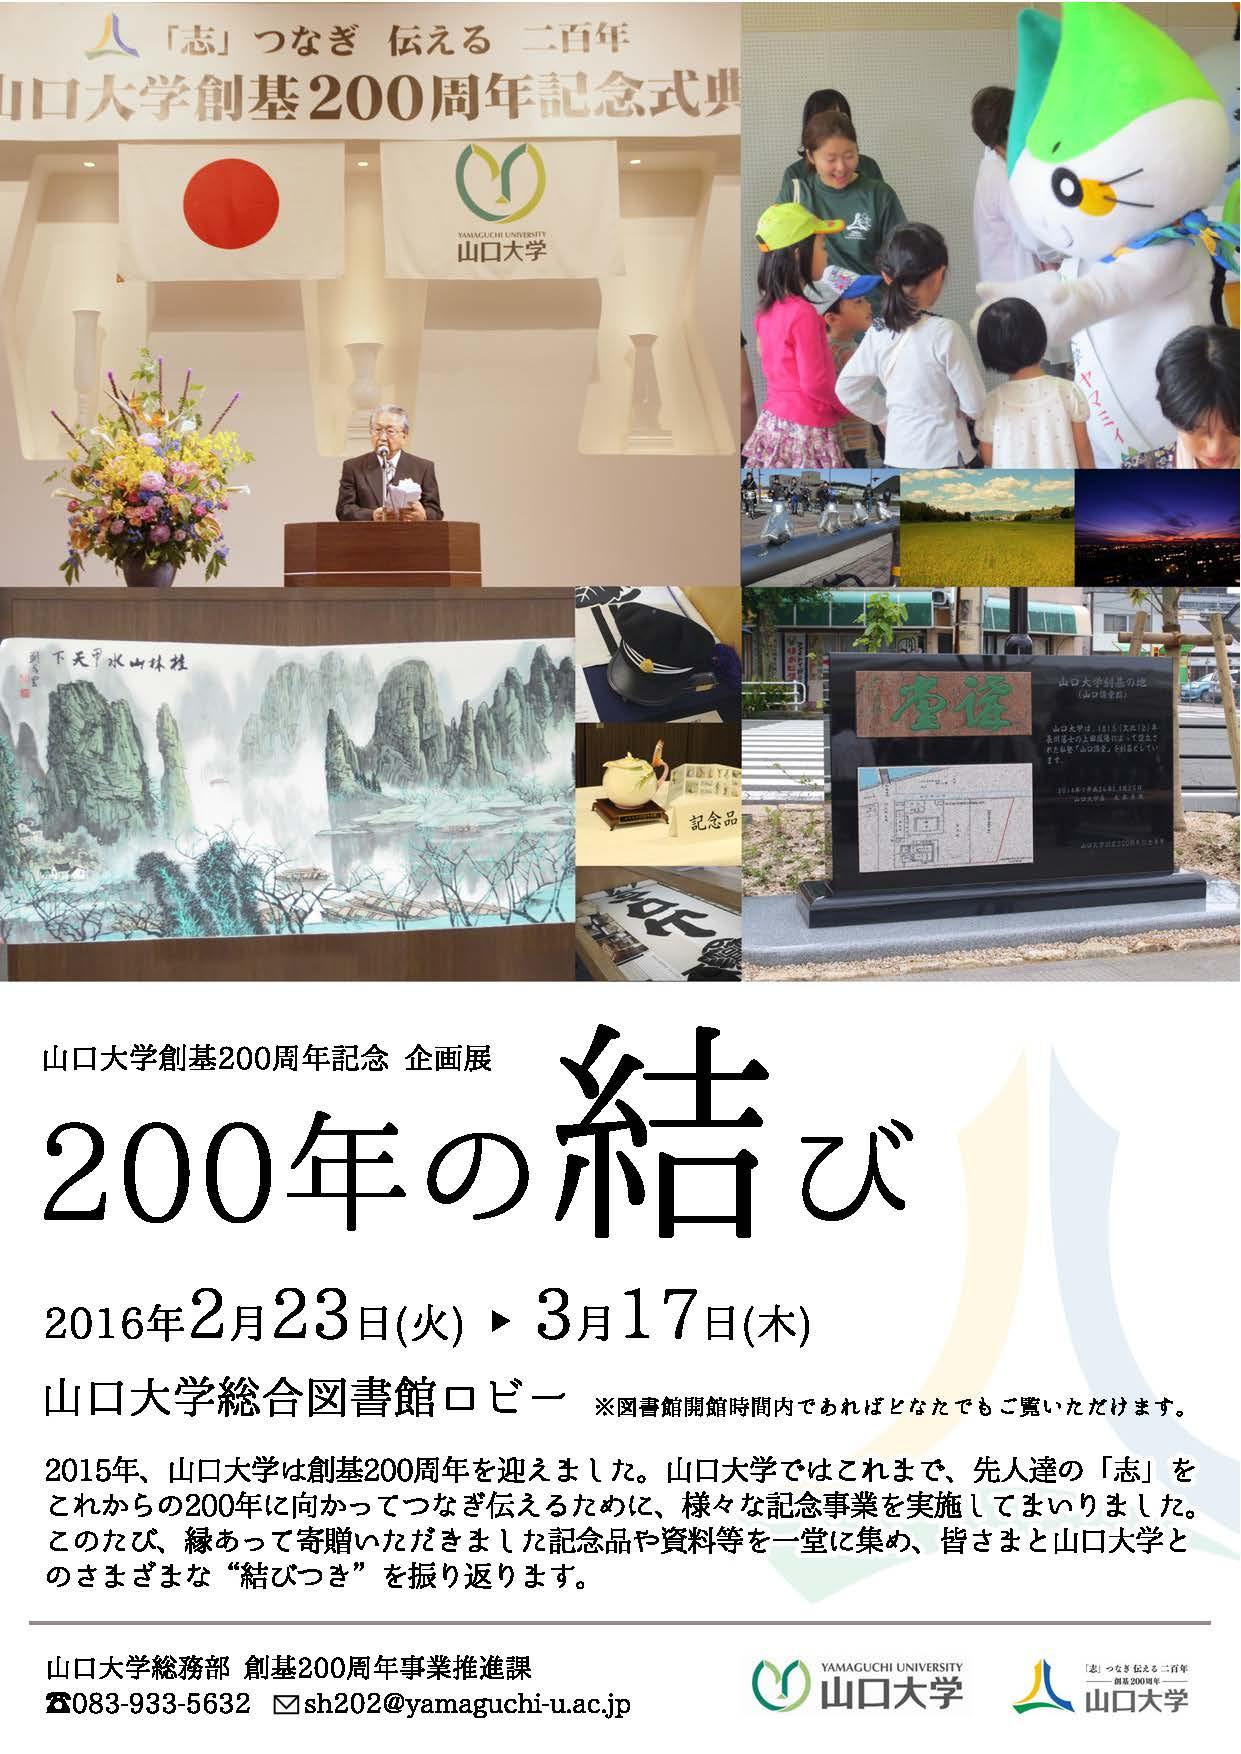 山口大学創基200周年記念企画展「200年の結び」ポスター